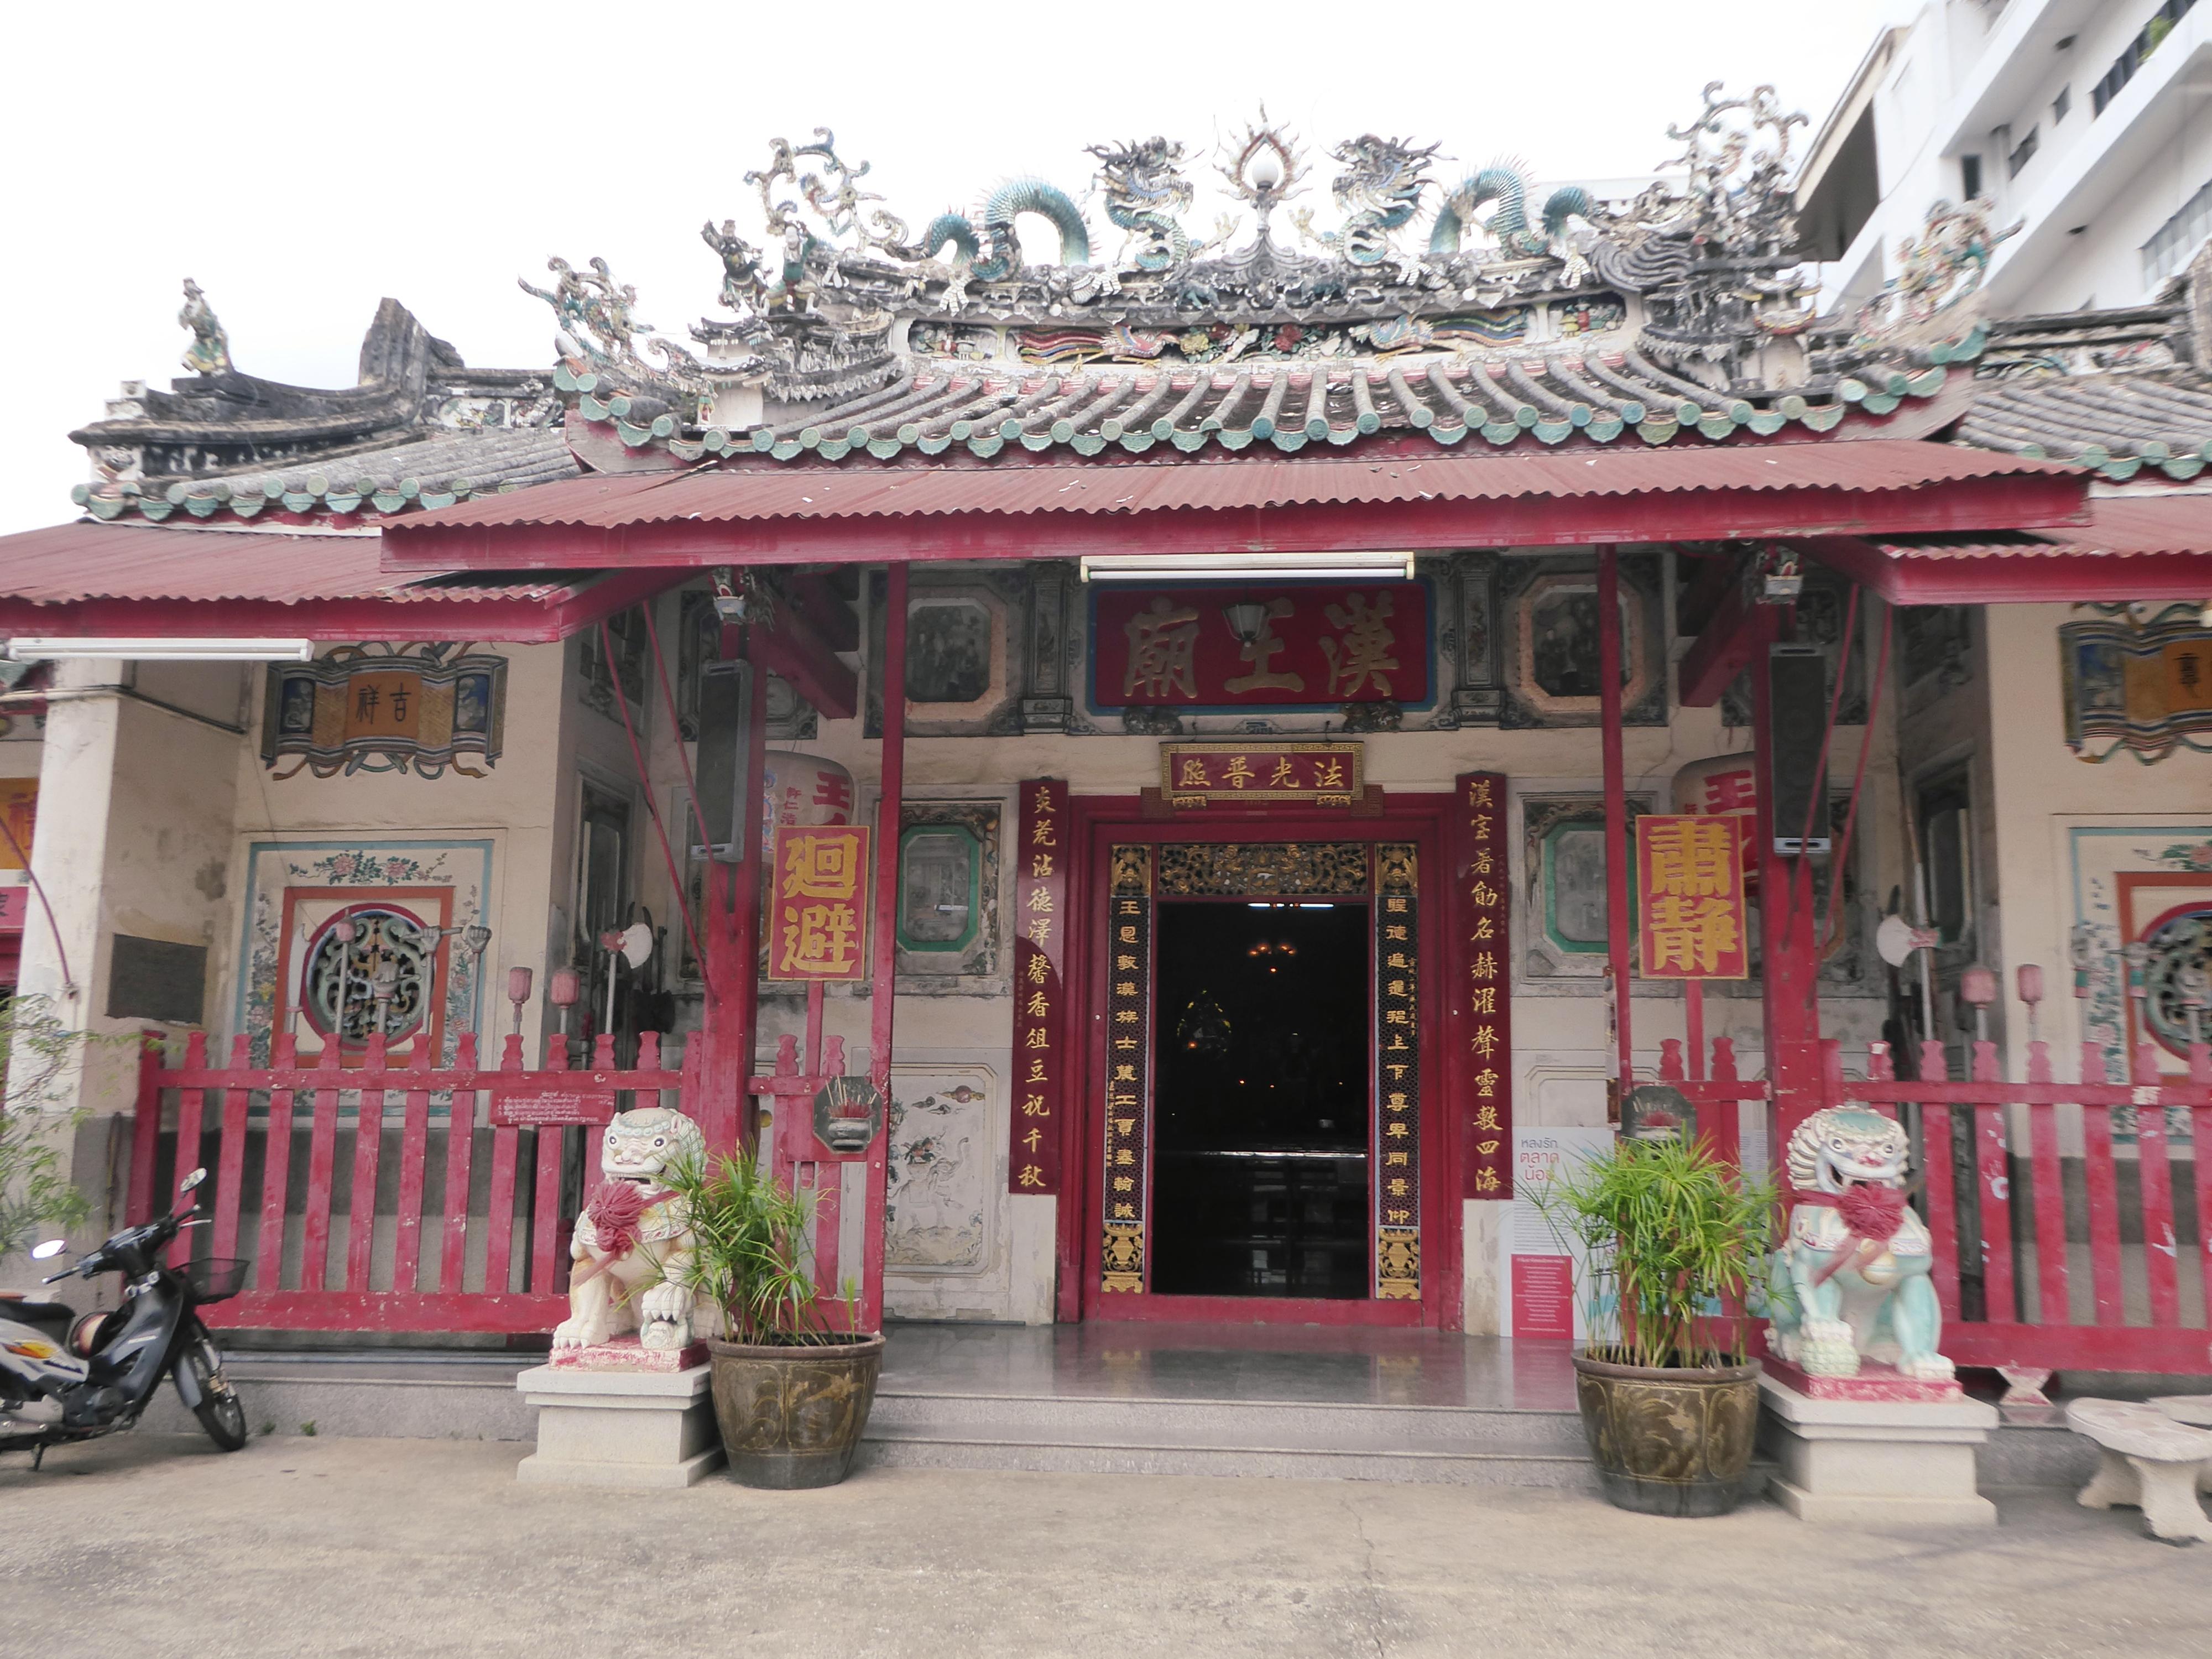 Hon Wong Kung Shrine in Bangkok